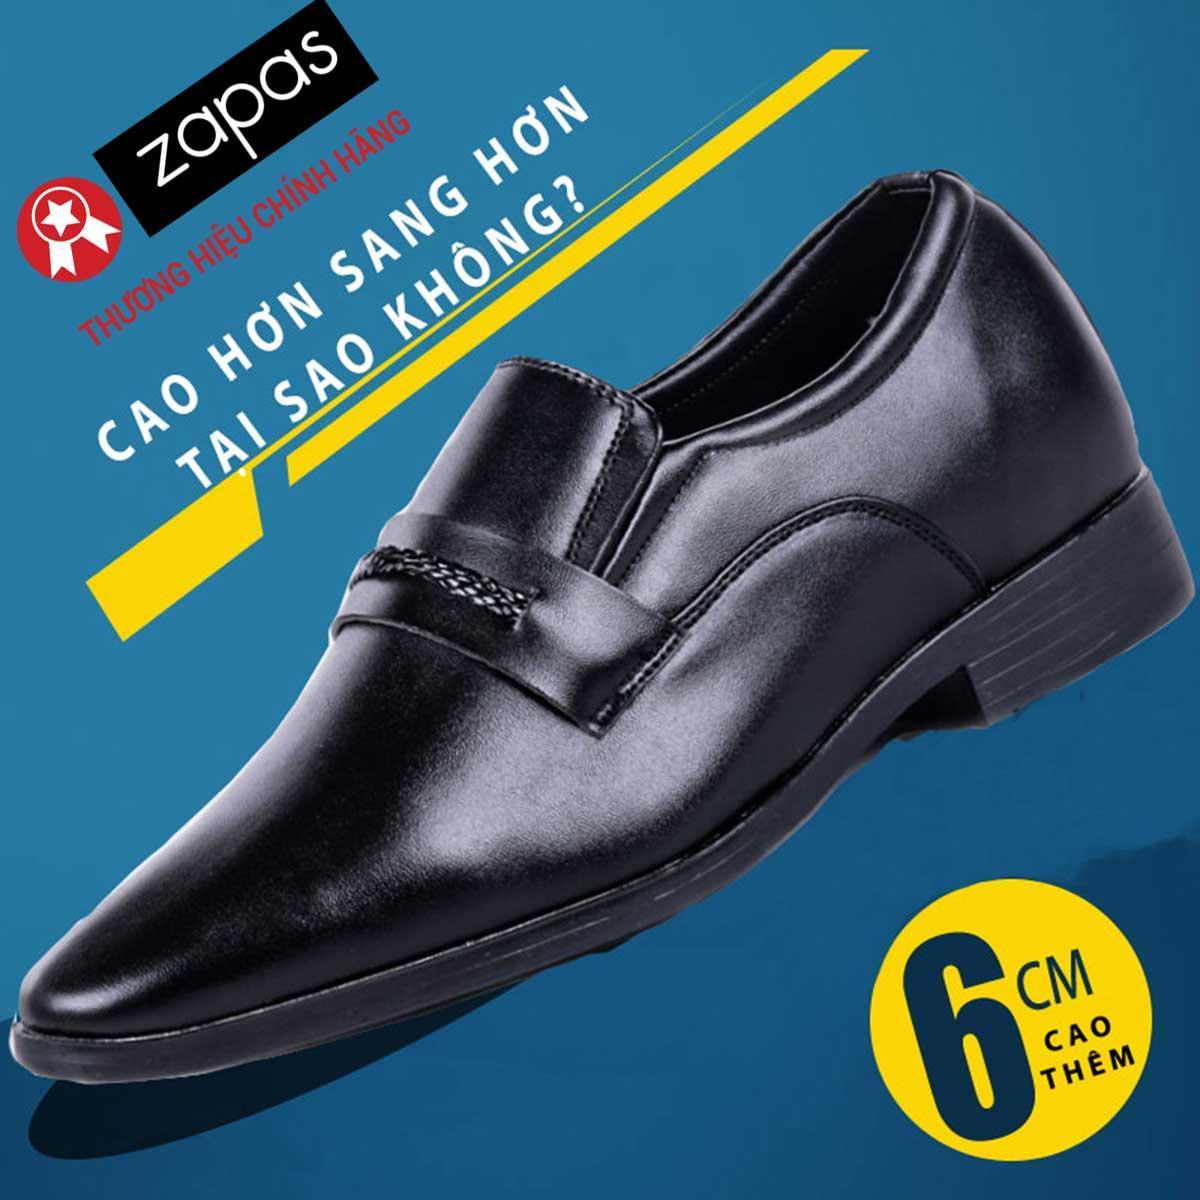 Giày Tây Tăng Chiều Cáo Zapas Tăng Chiều Cao 6cm – GH012 (Màu Đen)